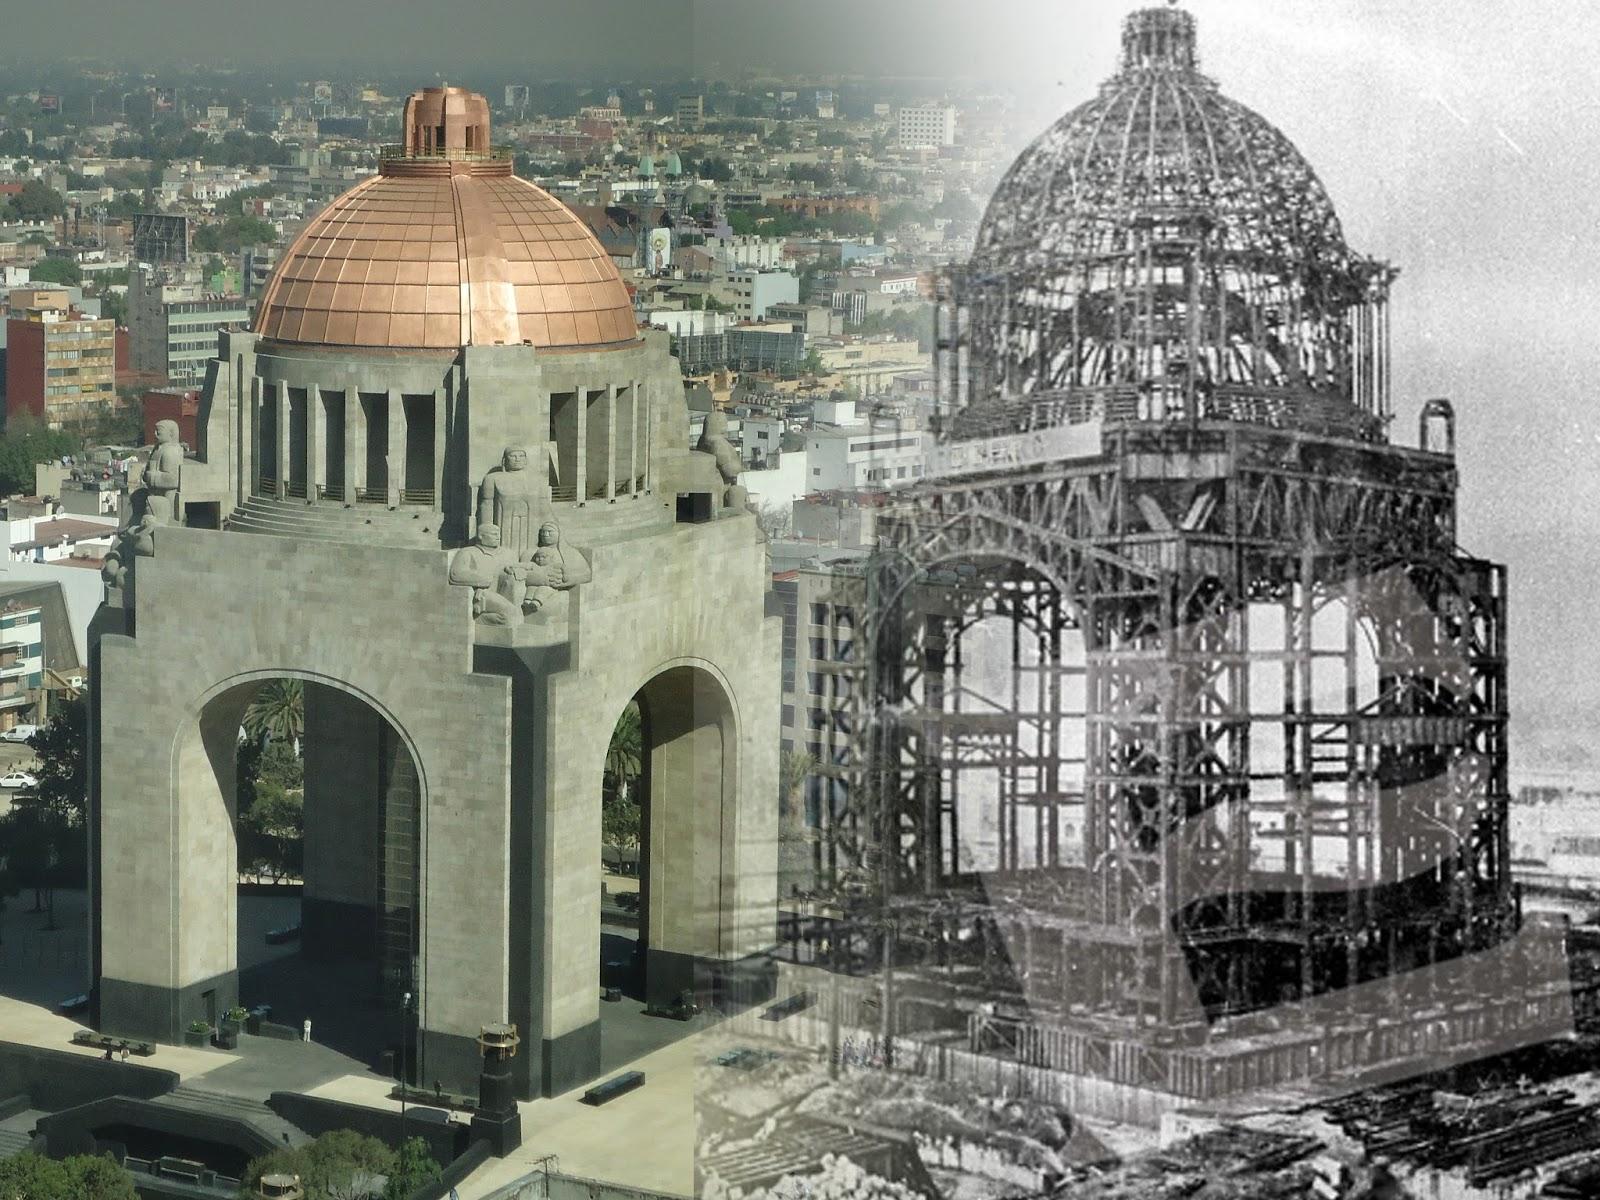 Cultura y dise o antes y despu s mexico - Azulejos pintados antes y despues ...